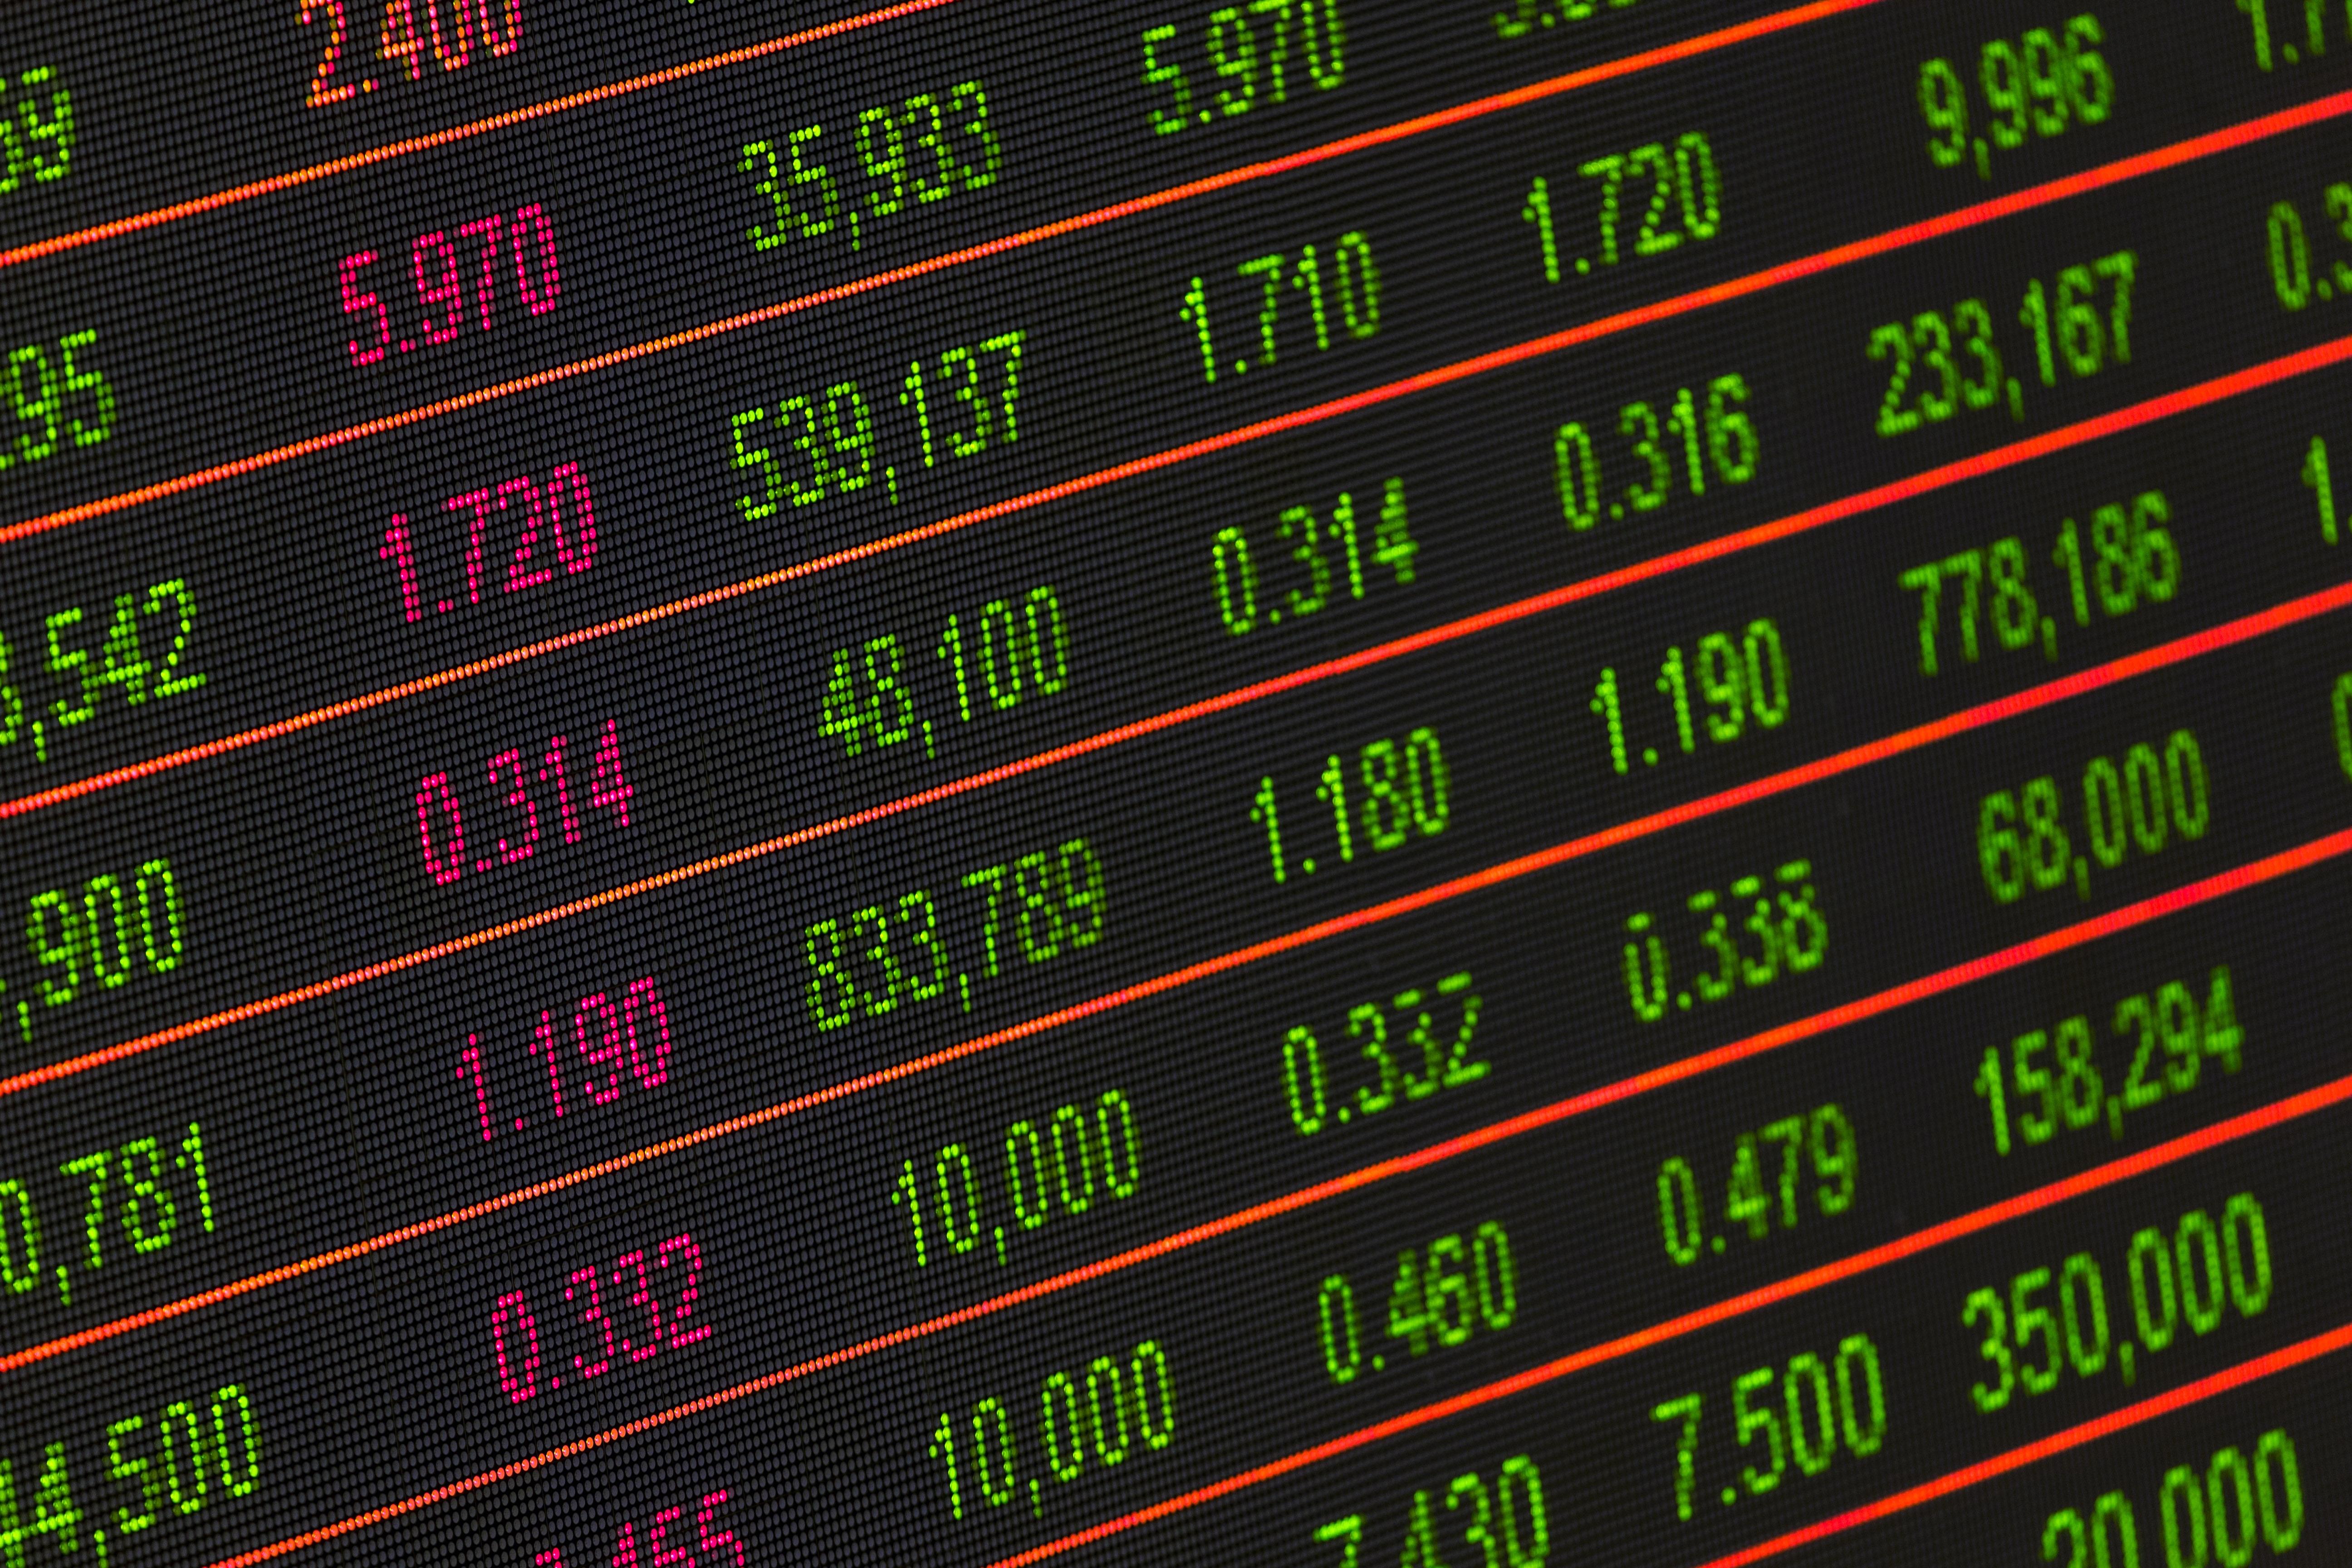 Superannuation fund investment returns